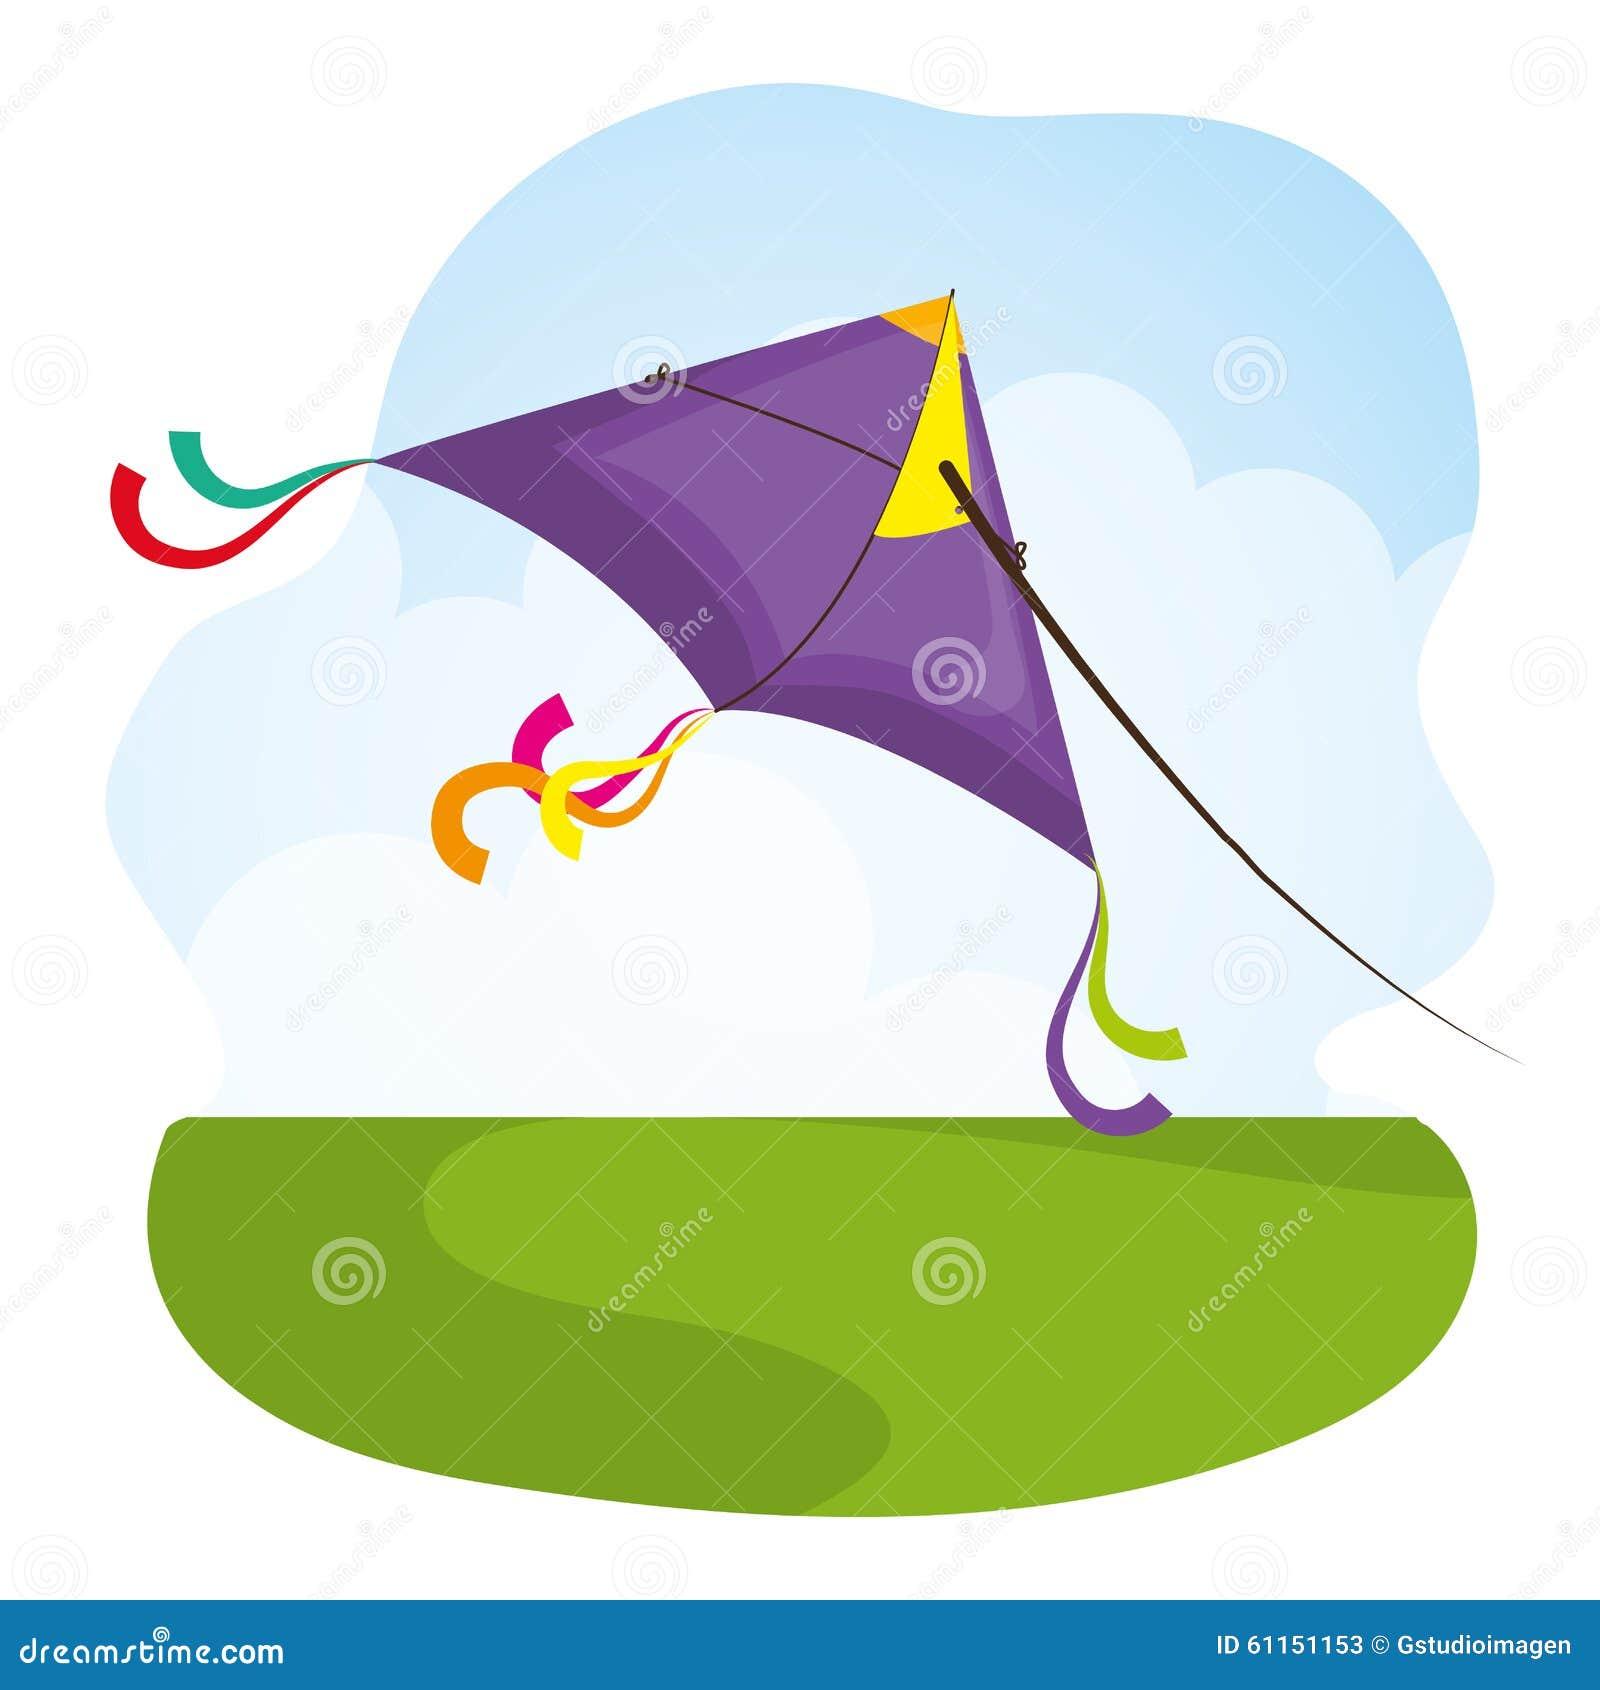 flying kite illustration - photo #24